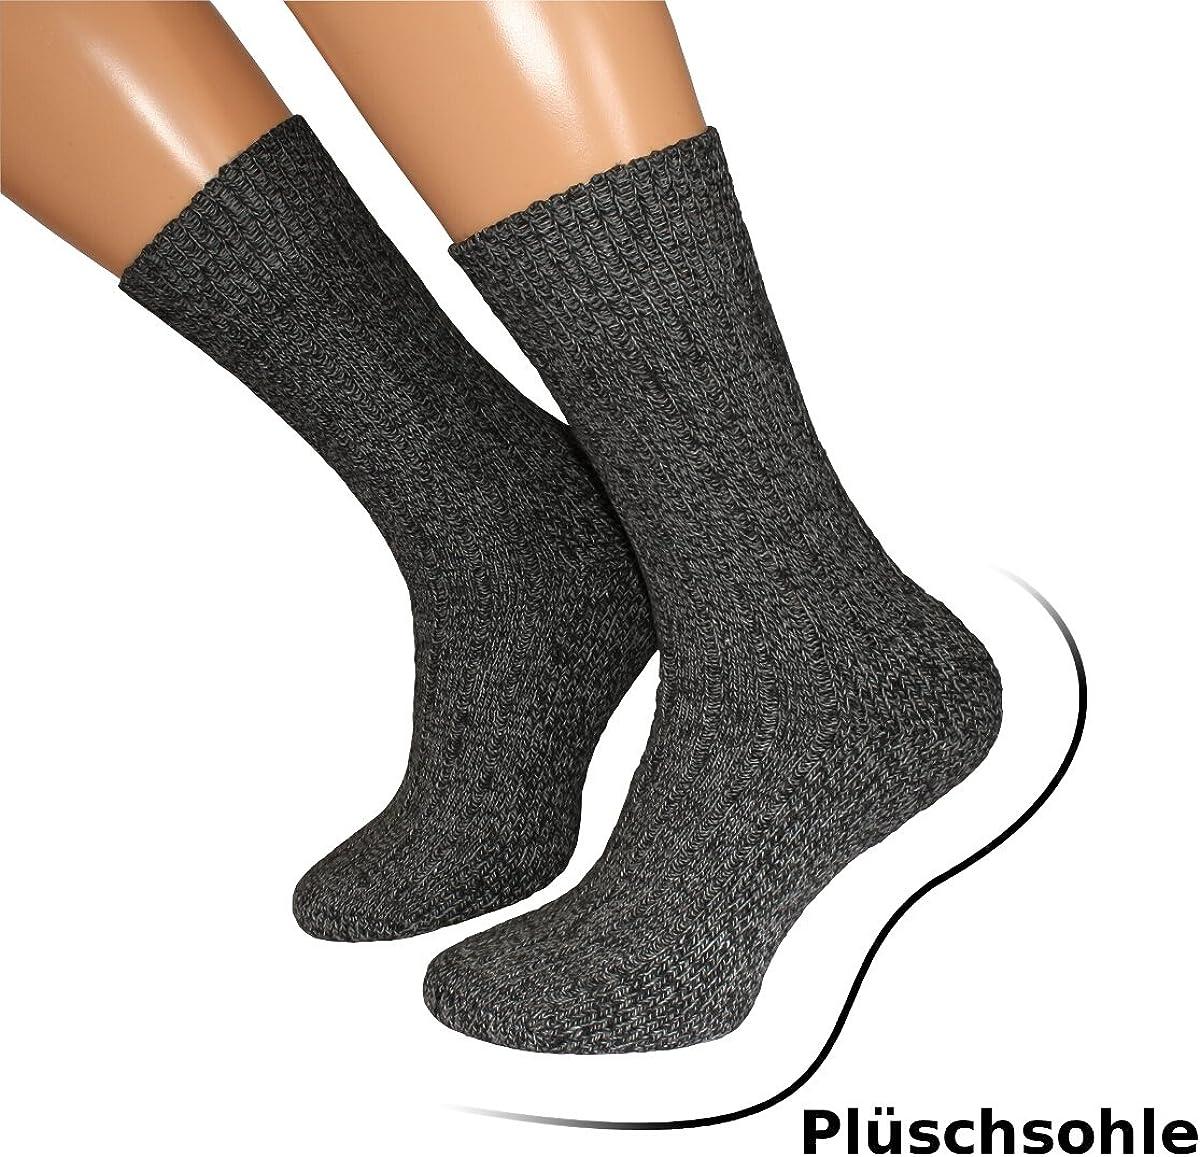 3 Paar  Herren Damen Winter Wellness Socken Plüschsohle Strümpfe mit Wolle 6549